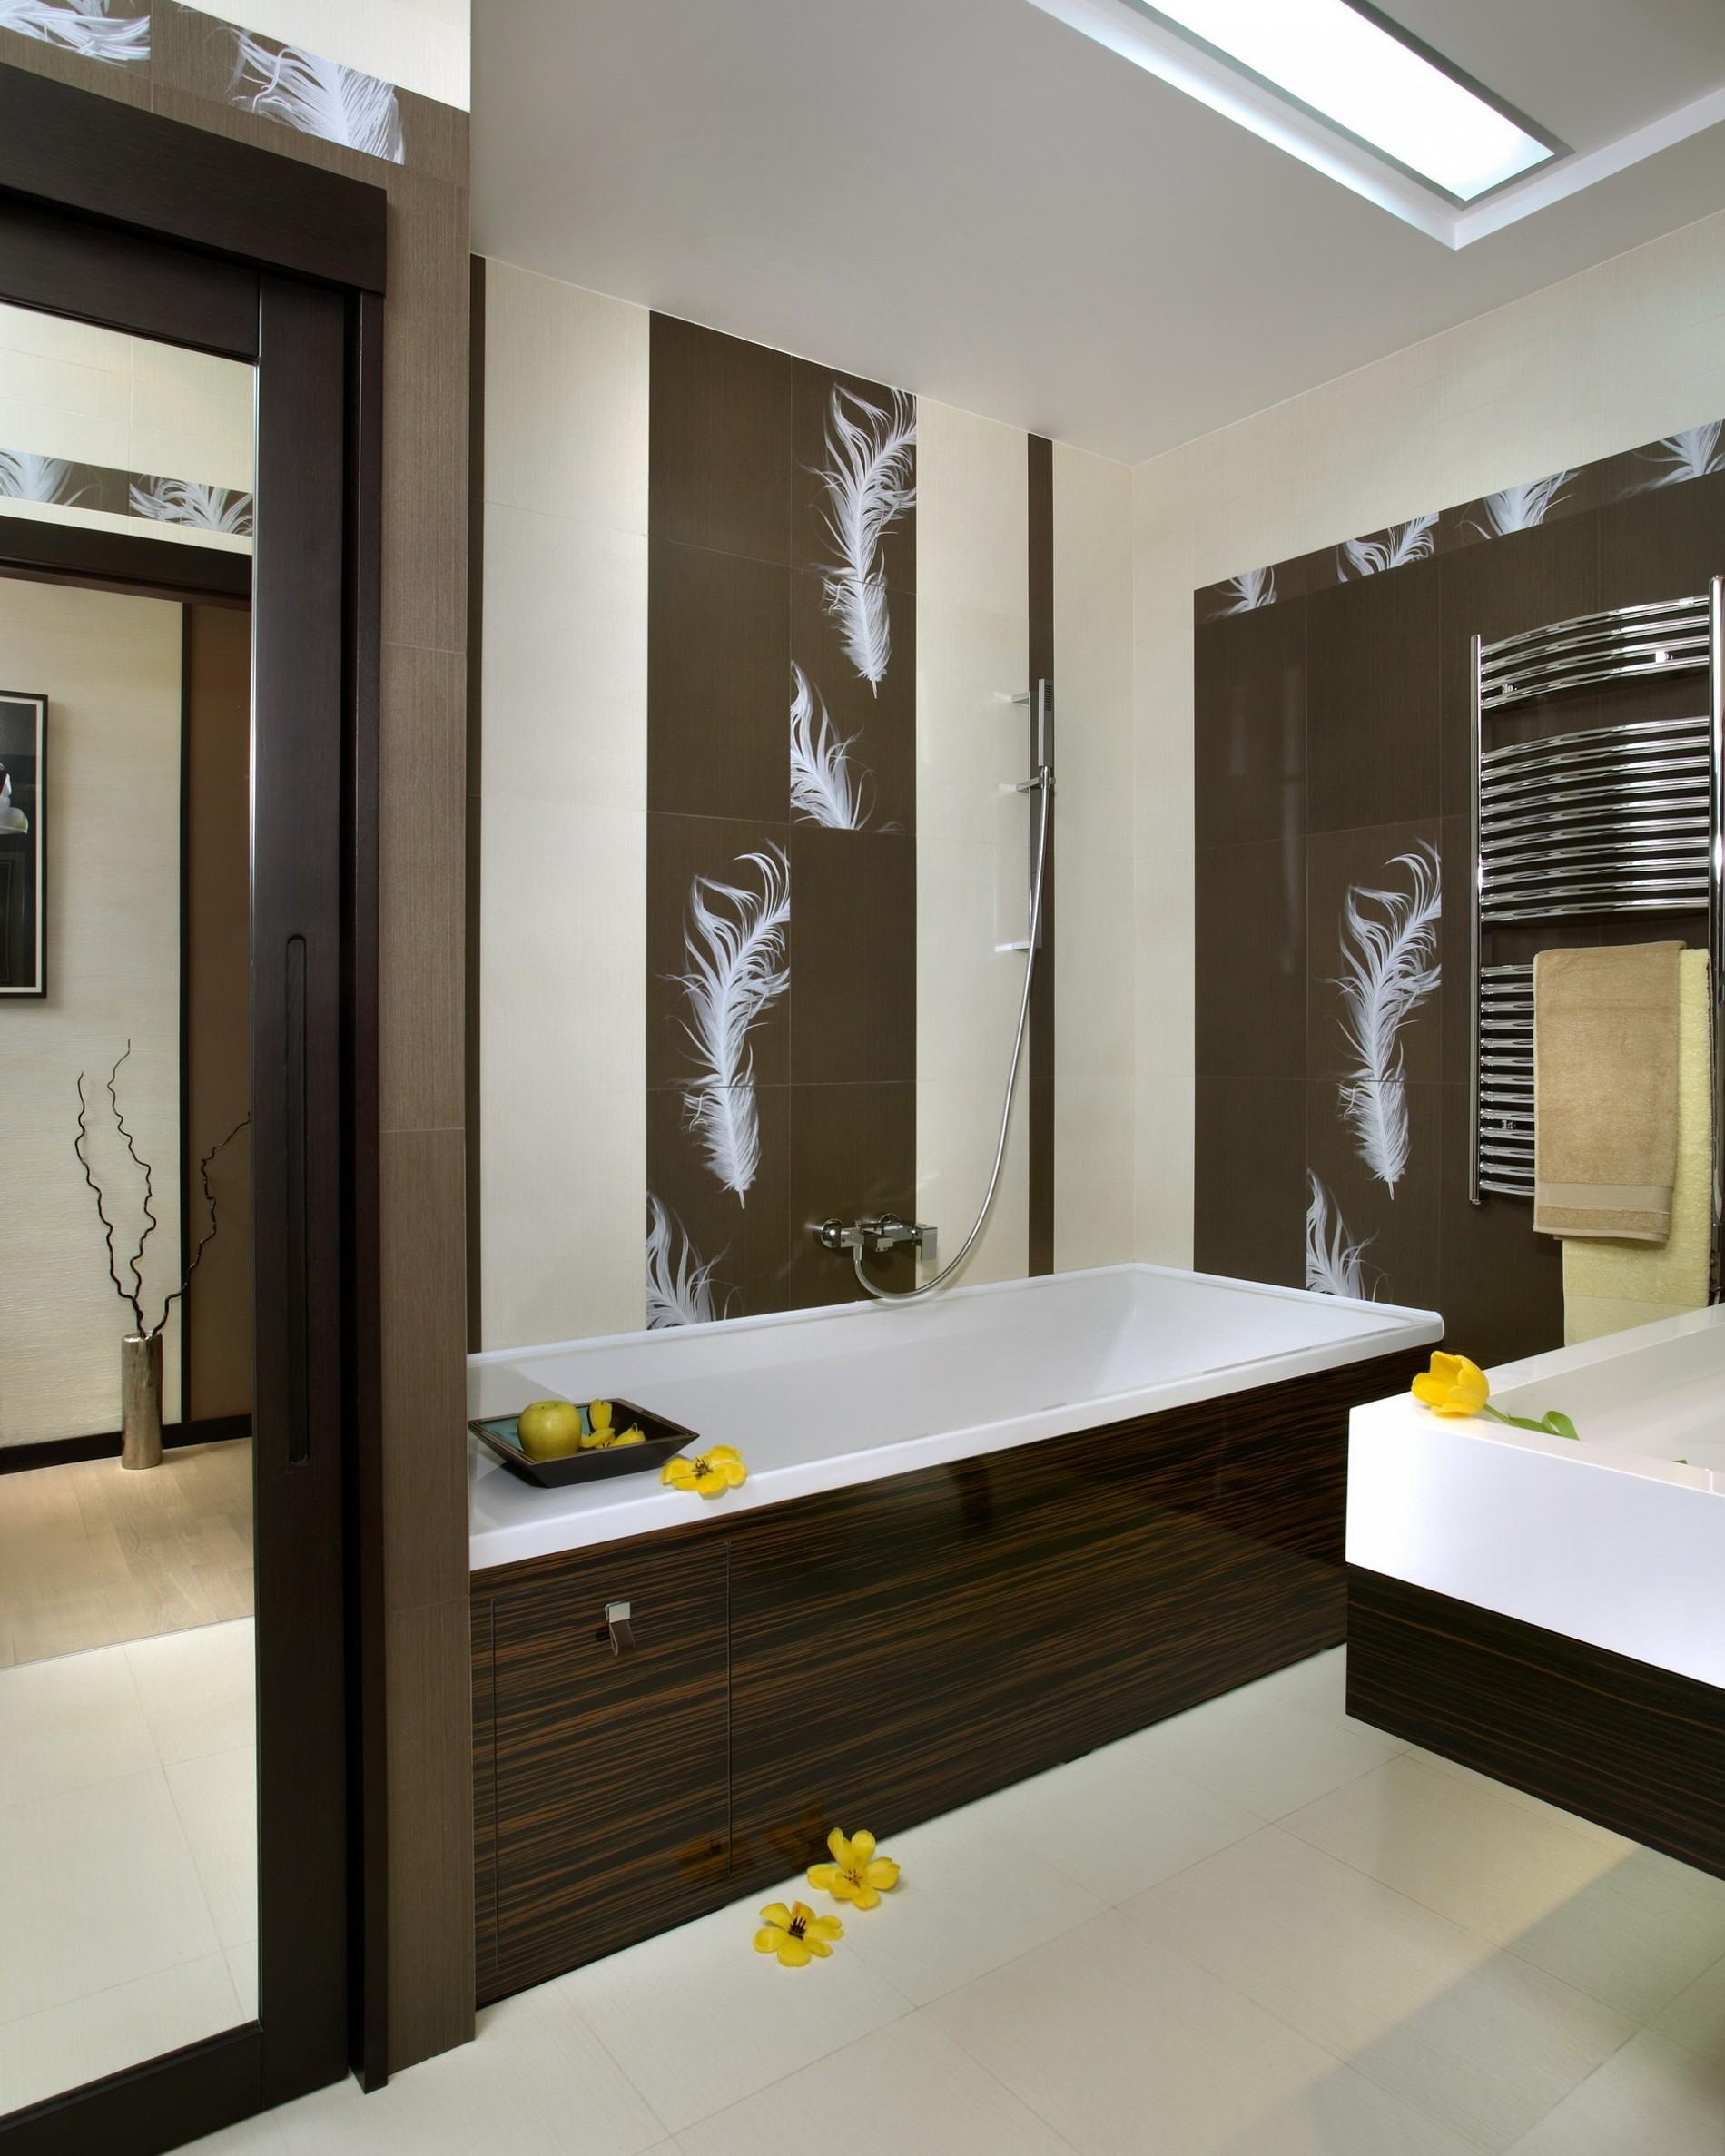 Элитный интерьер ванной в стиле фьюжн